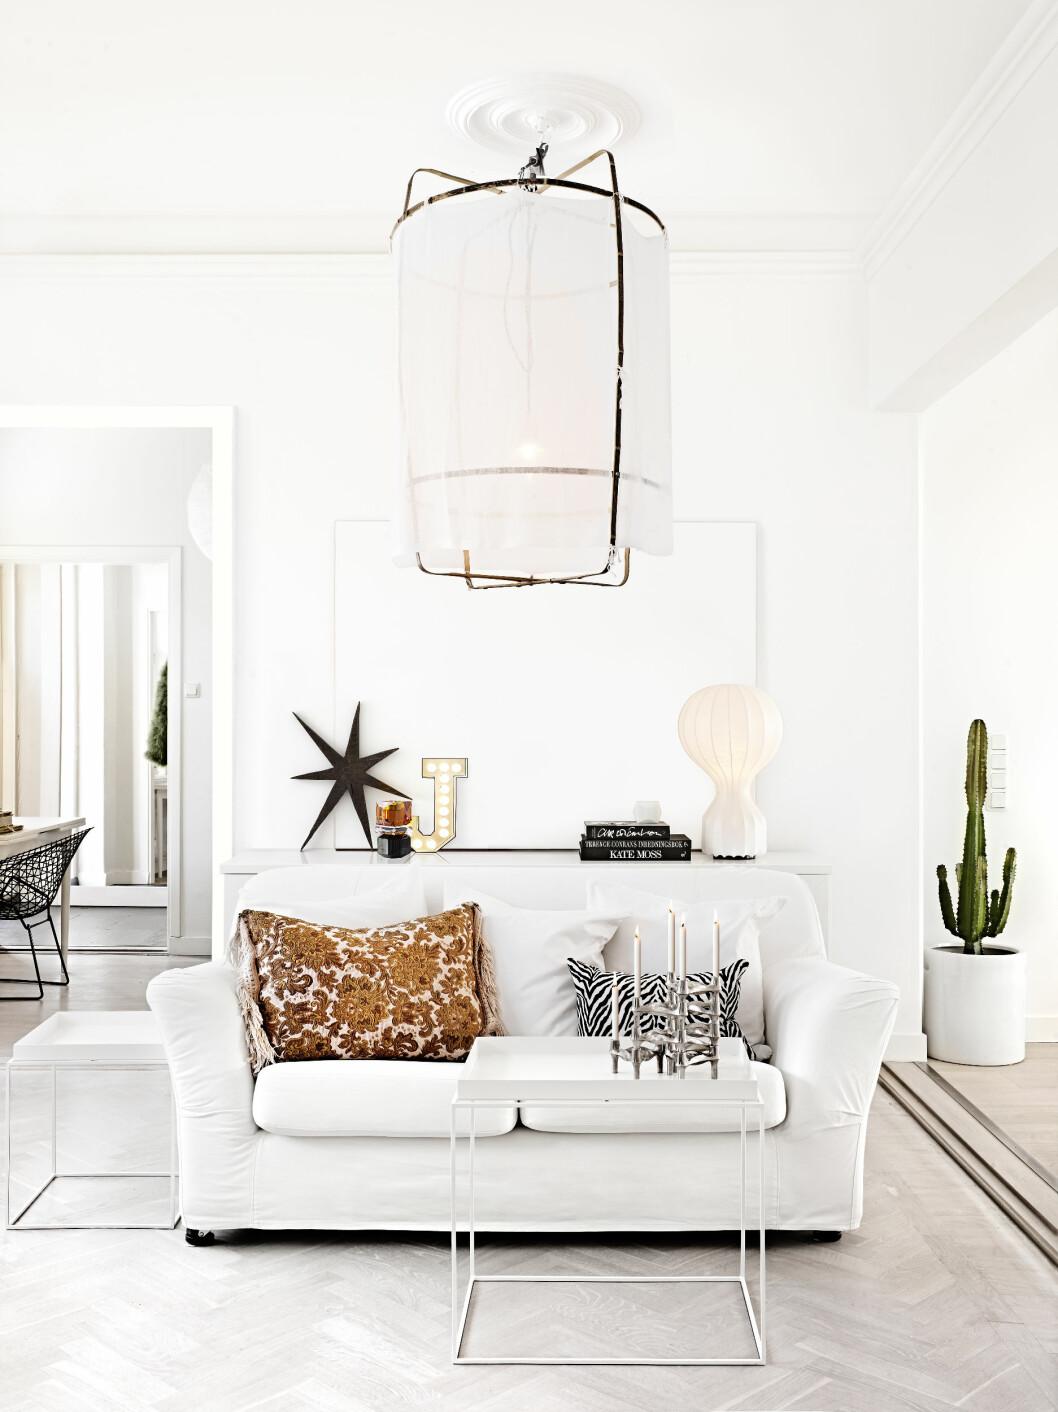 KUL STUE: Taklampen er fra Atrilleriet, sofaen er fra Ikea og putene er hjemmesydde. Lampen på sjenken bak er Gatto Lamp fra Flos.  Foto: Sara Svenningrud